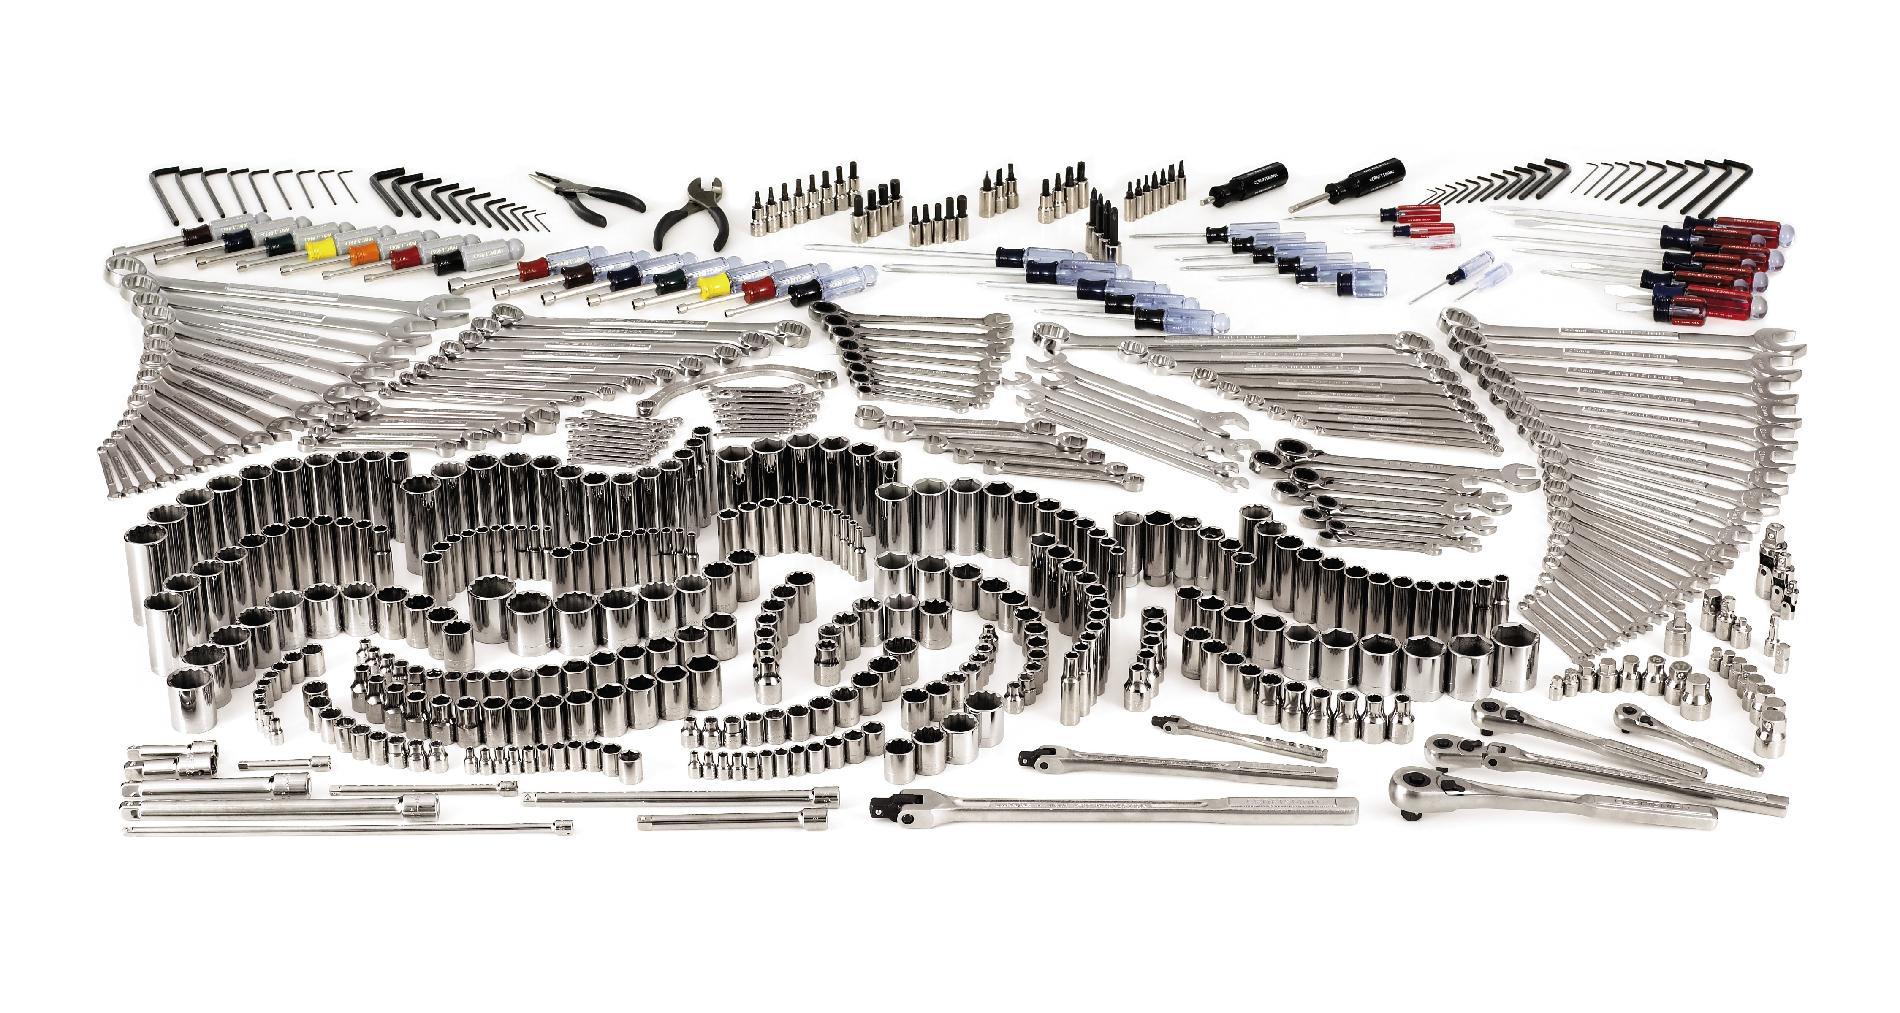 Craftsman 540-Piece Mechanics Tool Set